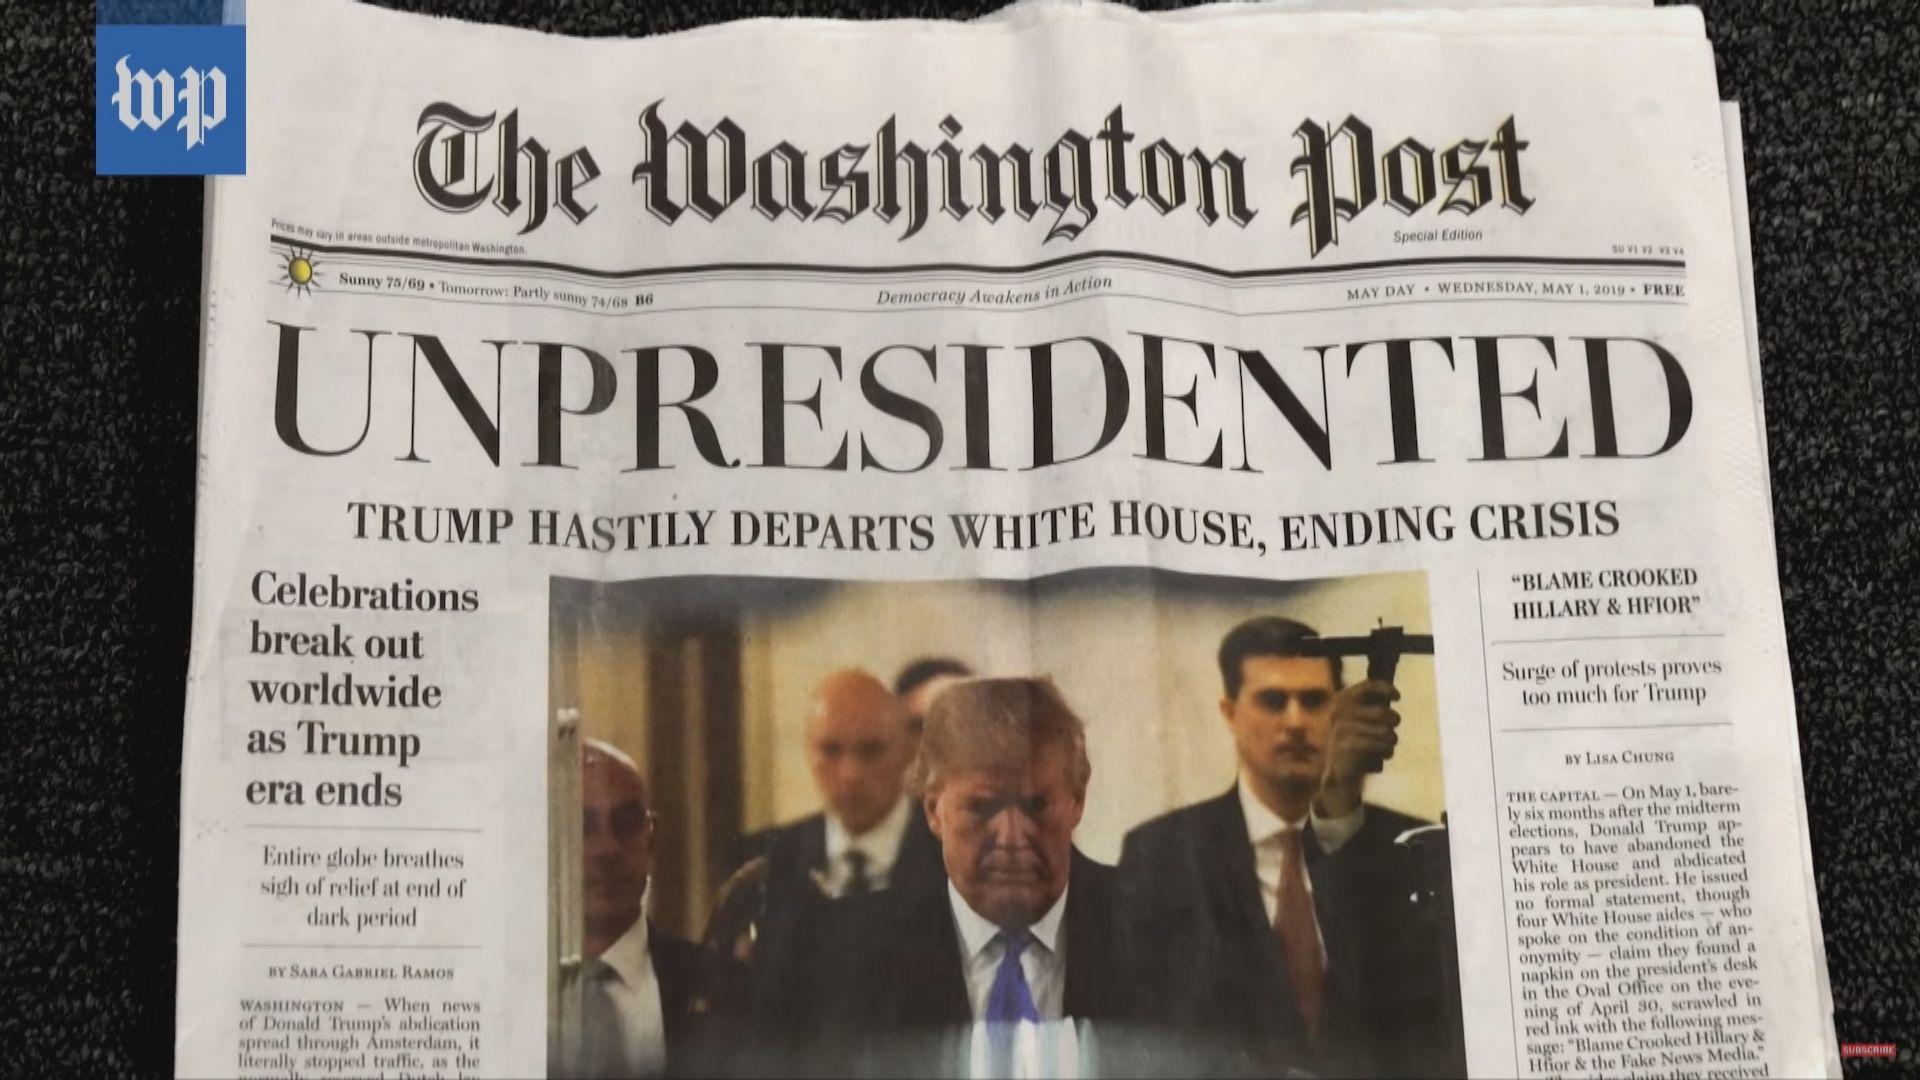 【環球薈報】假《華盛頓郵報》號外稱特朗普離職